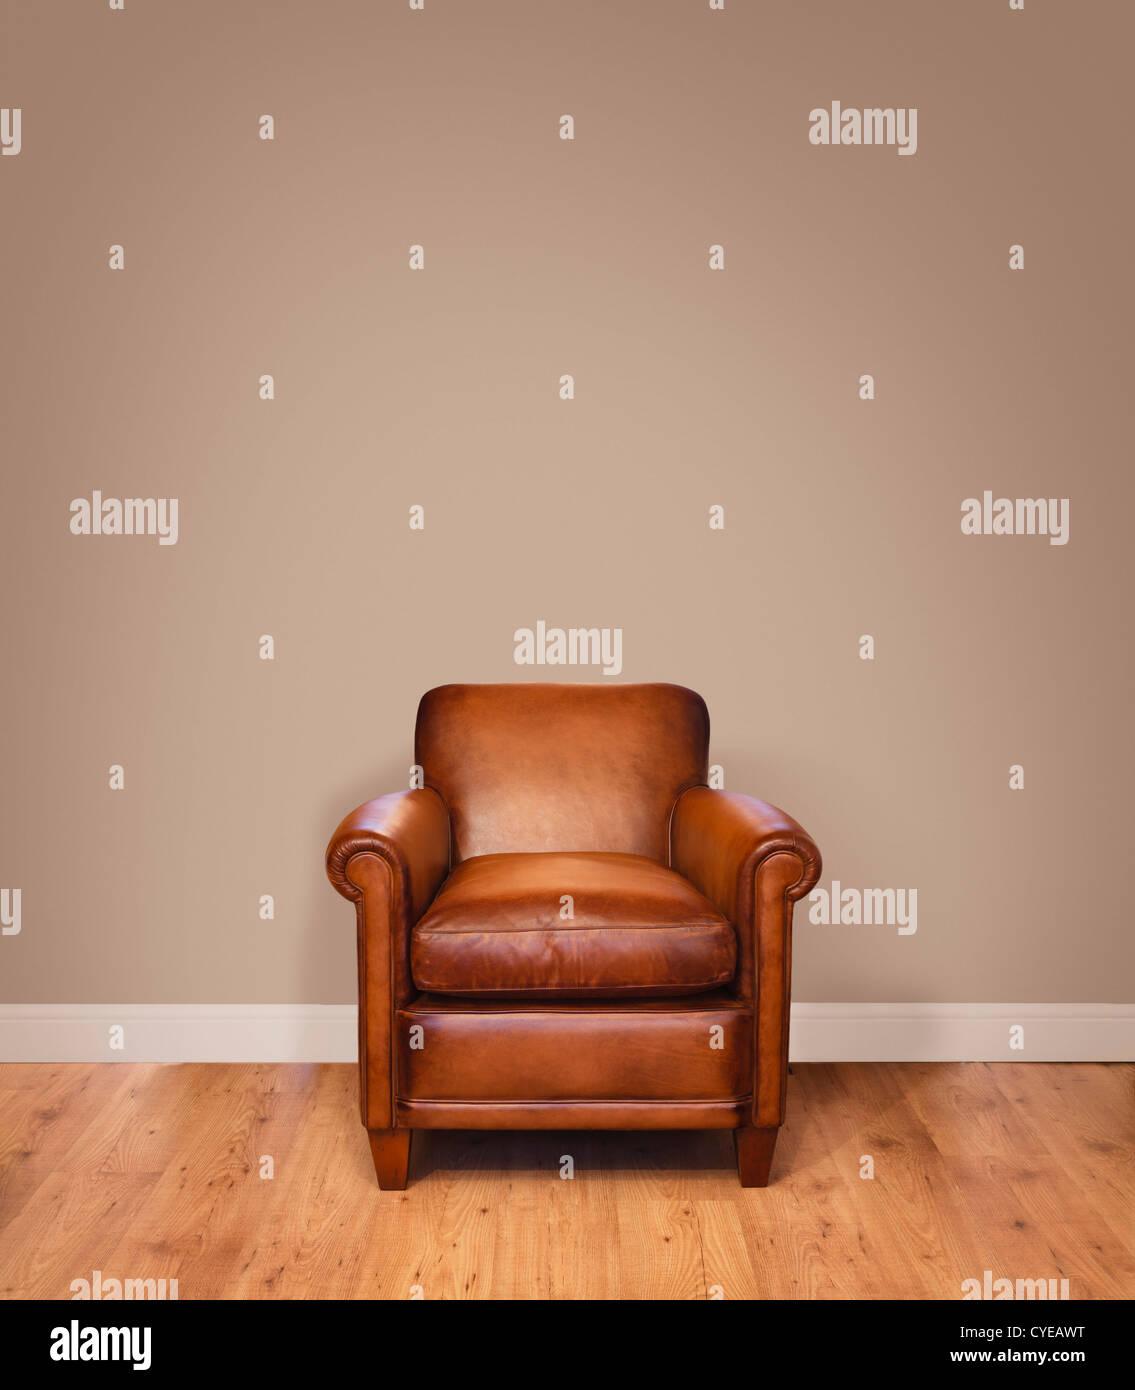 Ledersessel auf einem Holzfußboden gegen einen einfarbigen Hintergrundwand mit vielen Exemplar. Die Mauer hat Stockbild